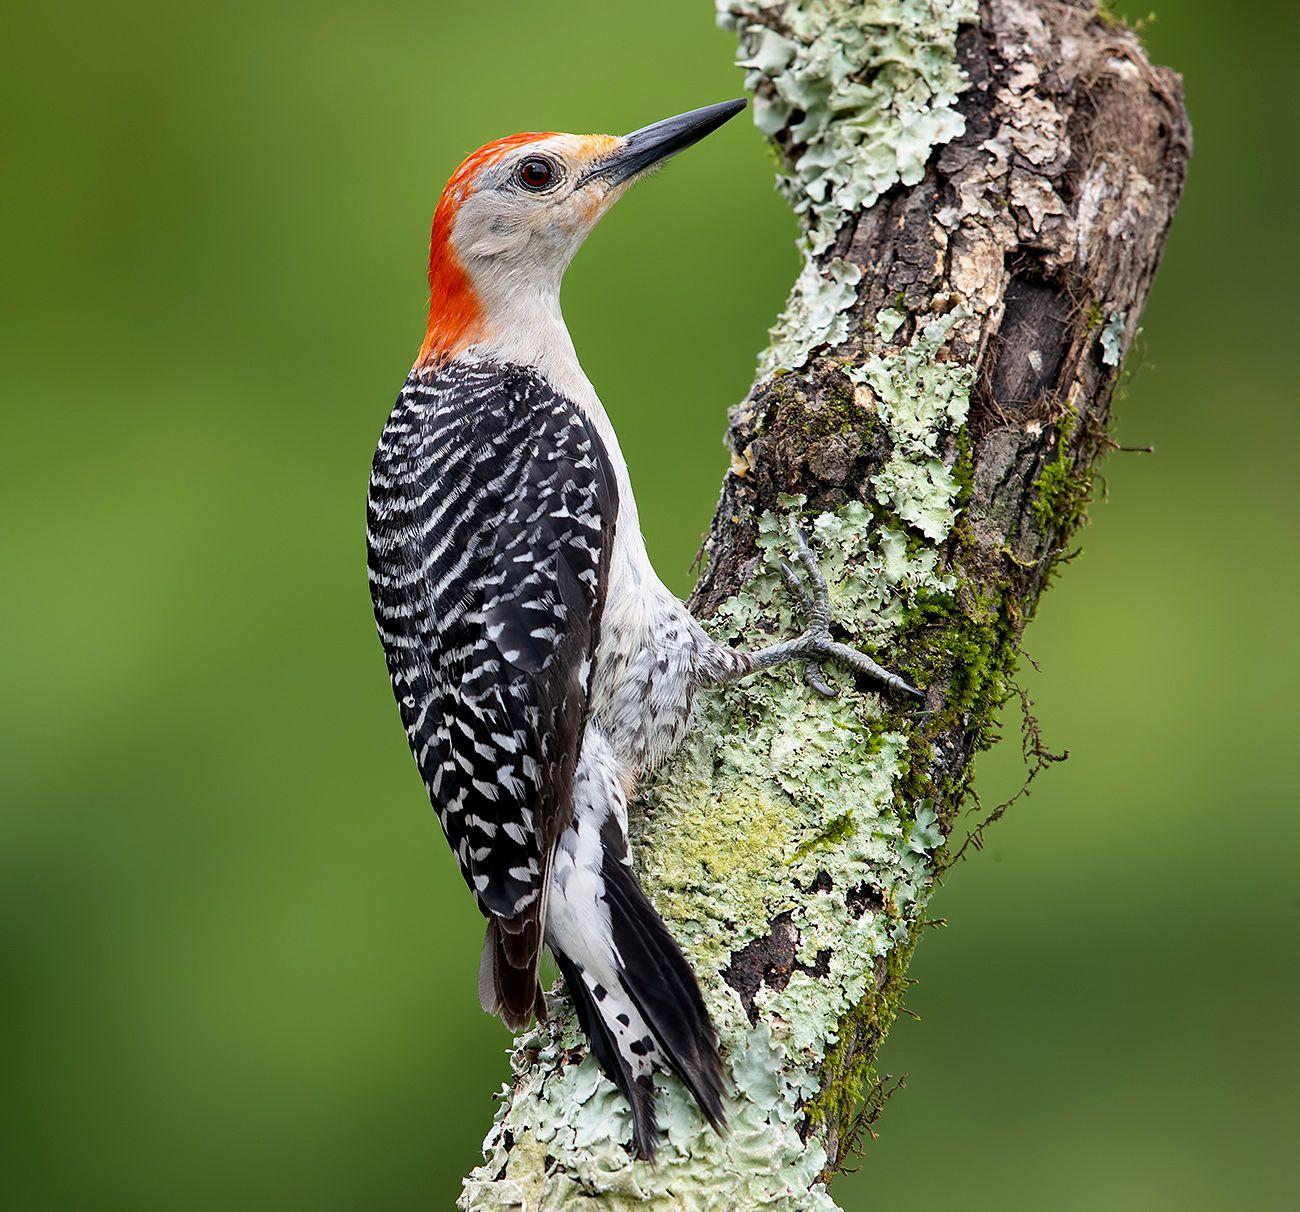 Red-bellied Woodpecker male -Каролинский меланерпес